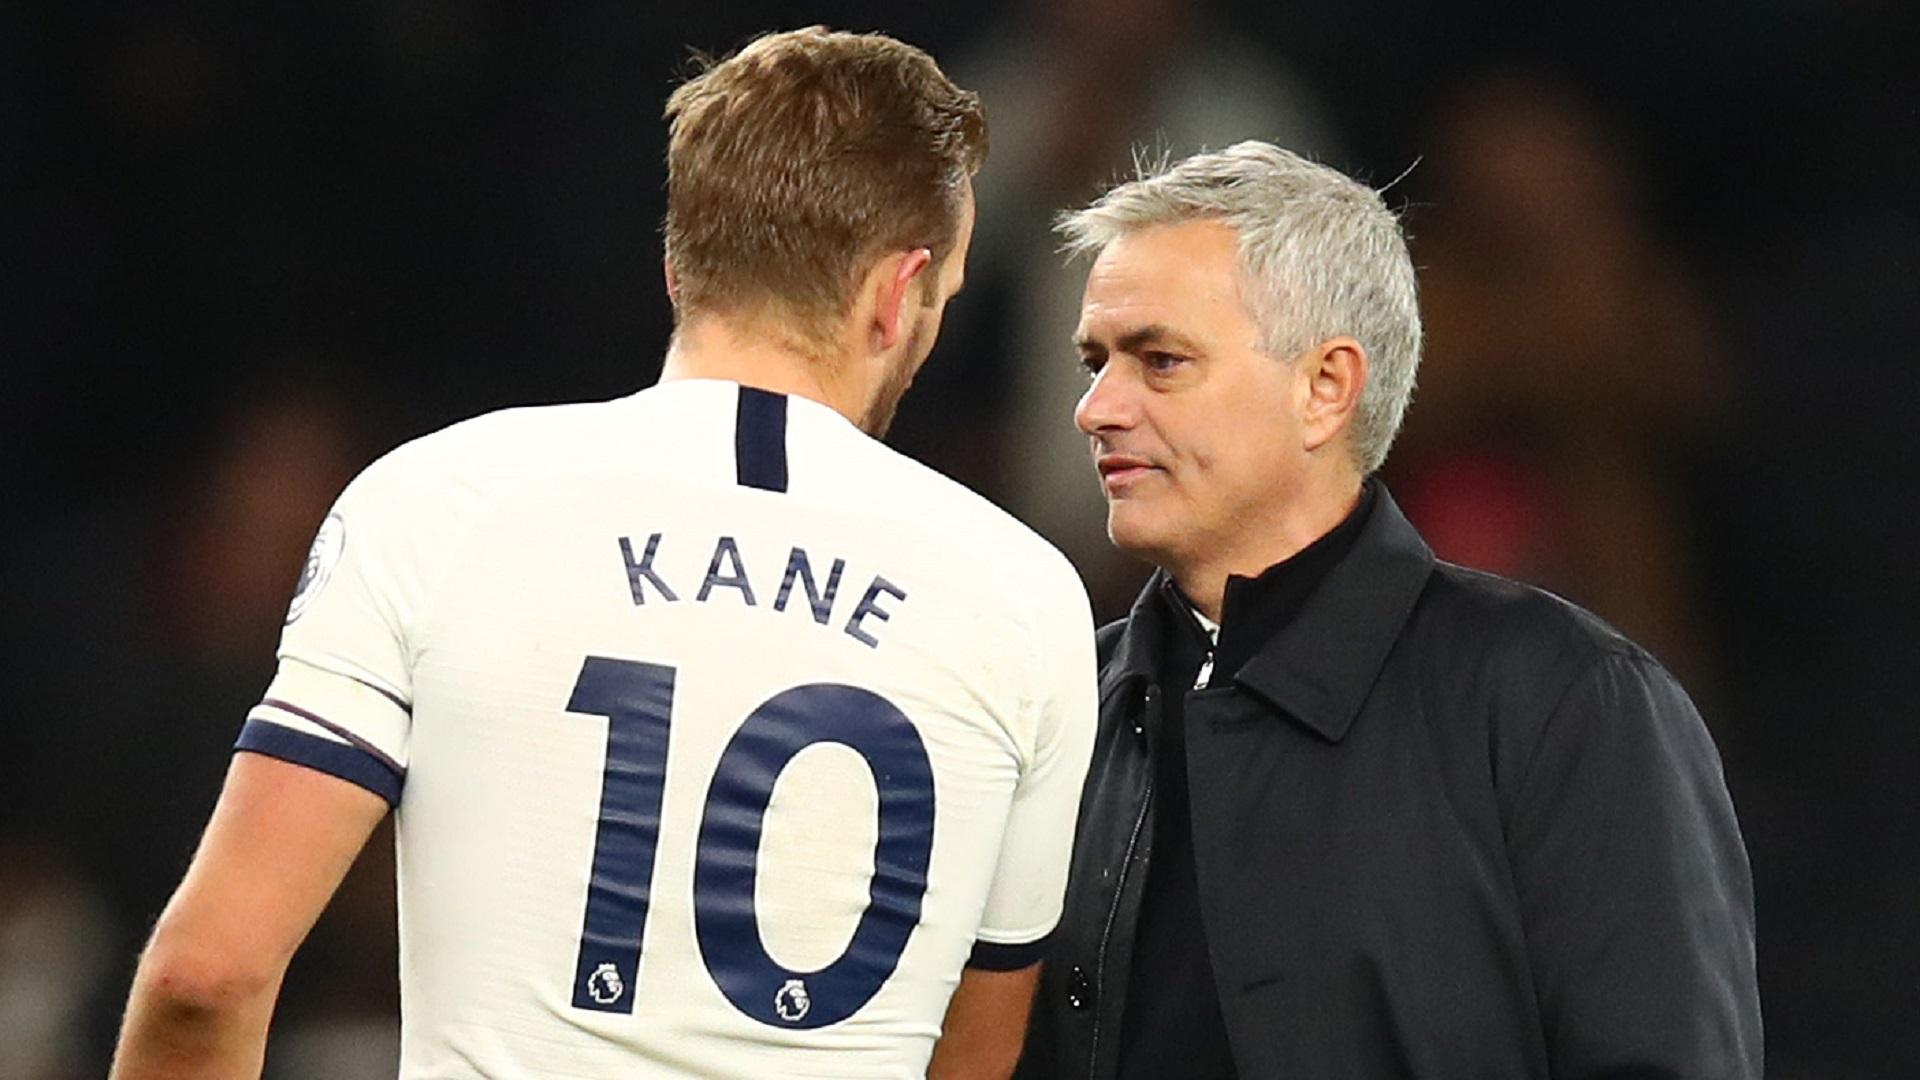 'I had Drogba, Ronaldo and Zlatan, so Kane has no problem!' - Mourinho defends striker record